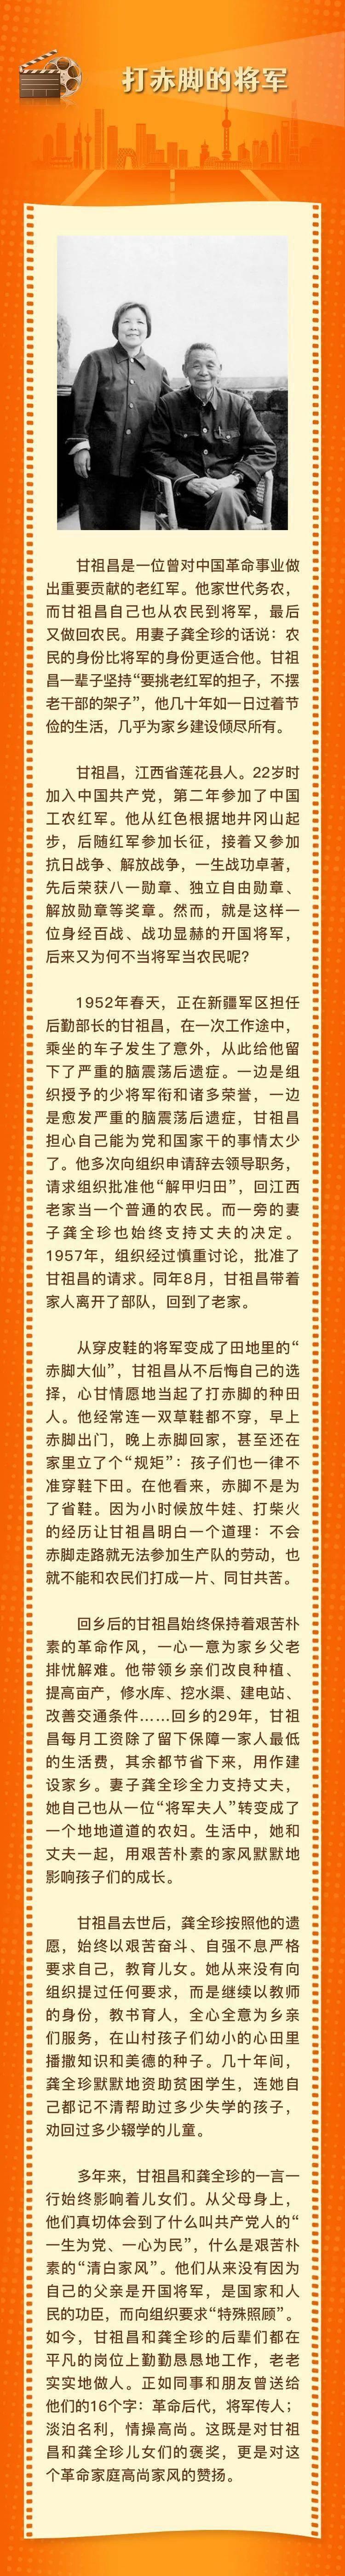 """【家庭家教家风】家风故事汇(十六)—""""打赤脚的将军""""——甘祖昌和夫人龚全珍"""""""